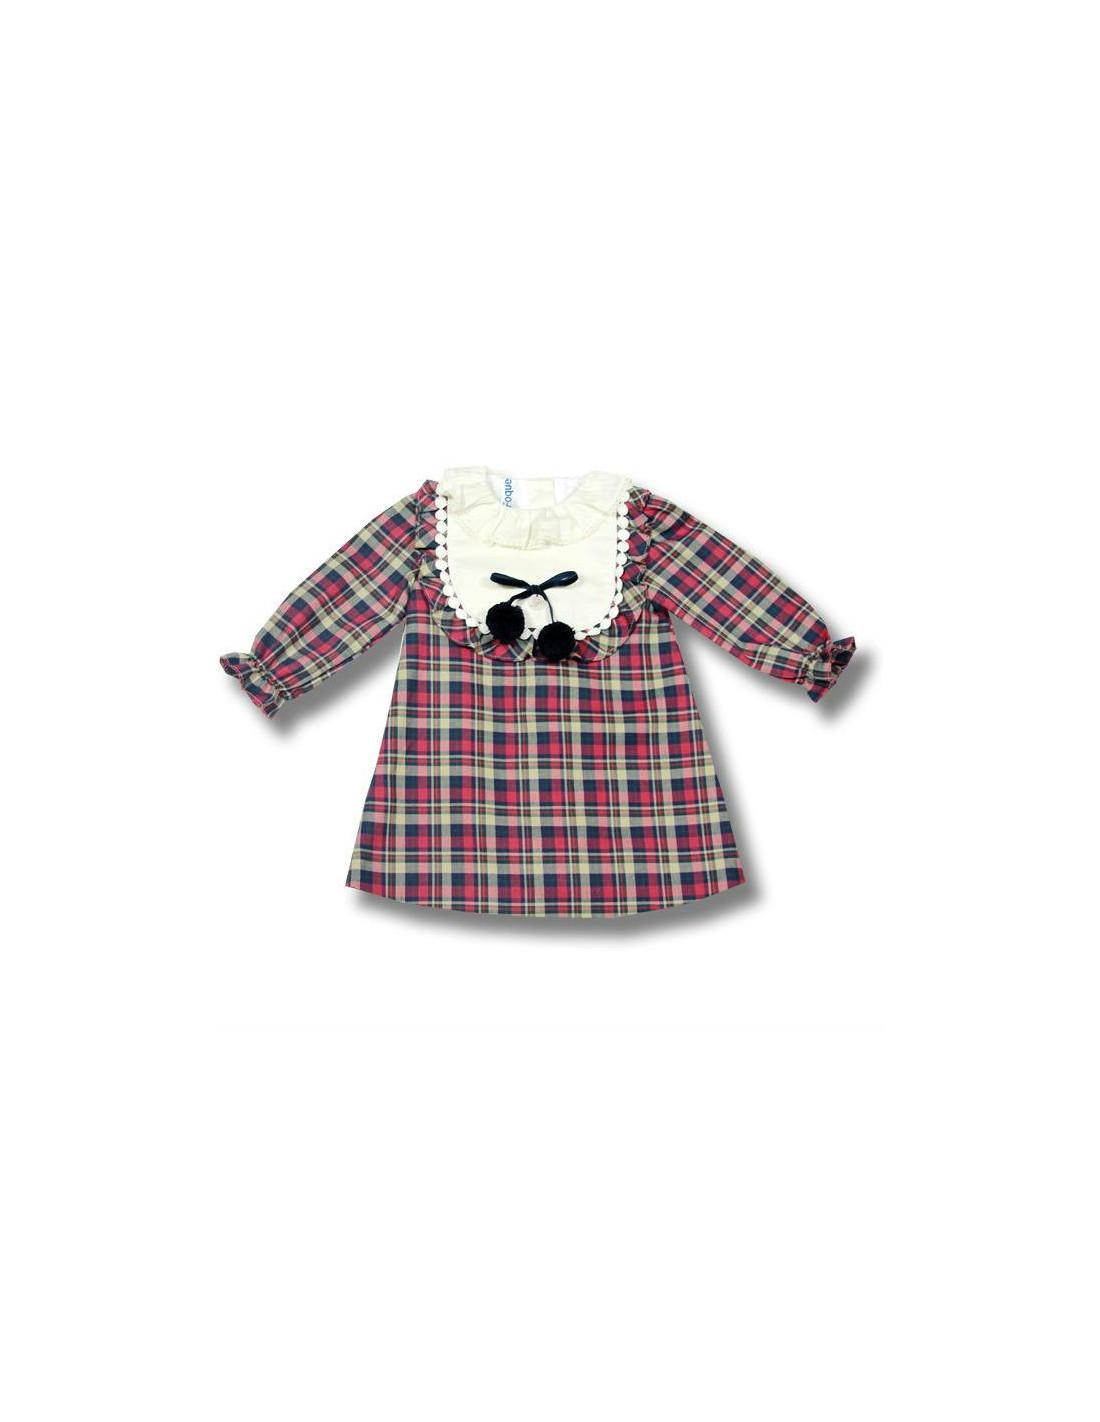 ec21667b4 Vestido para niña Hojas de Foque Invierno 2017